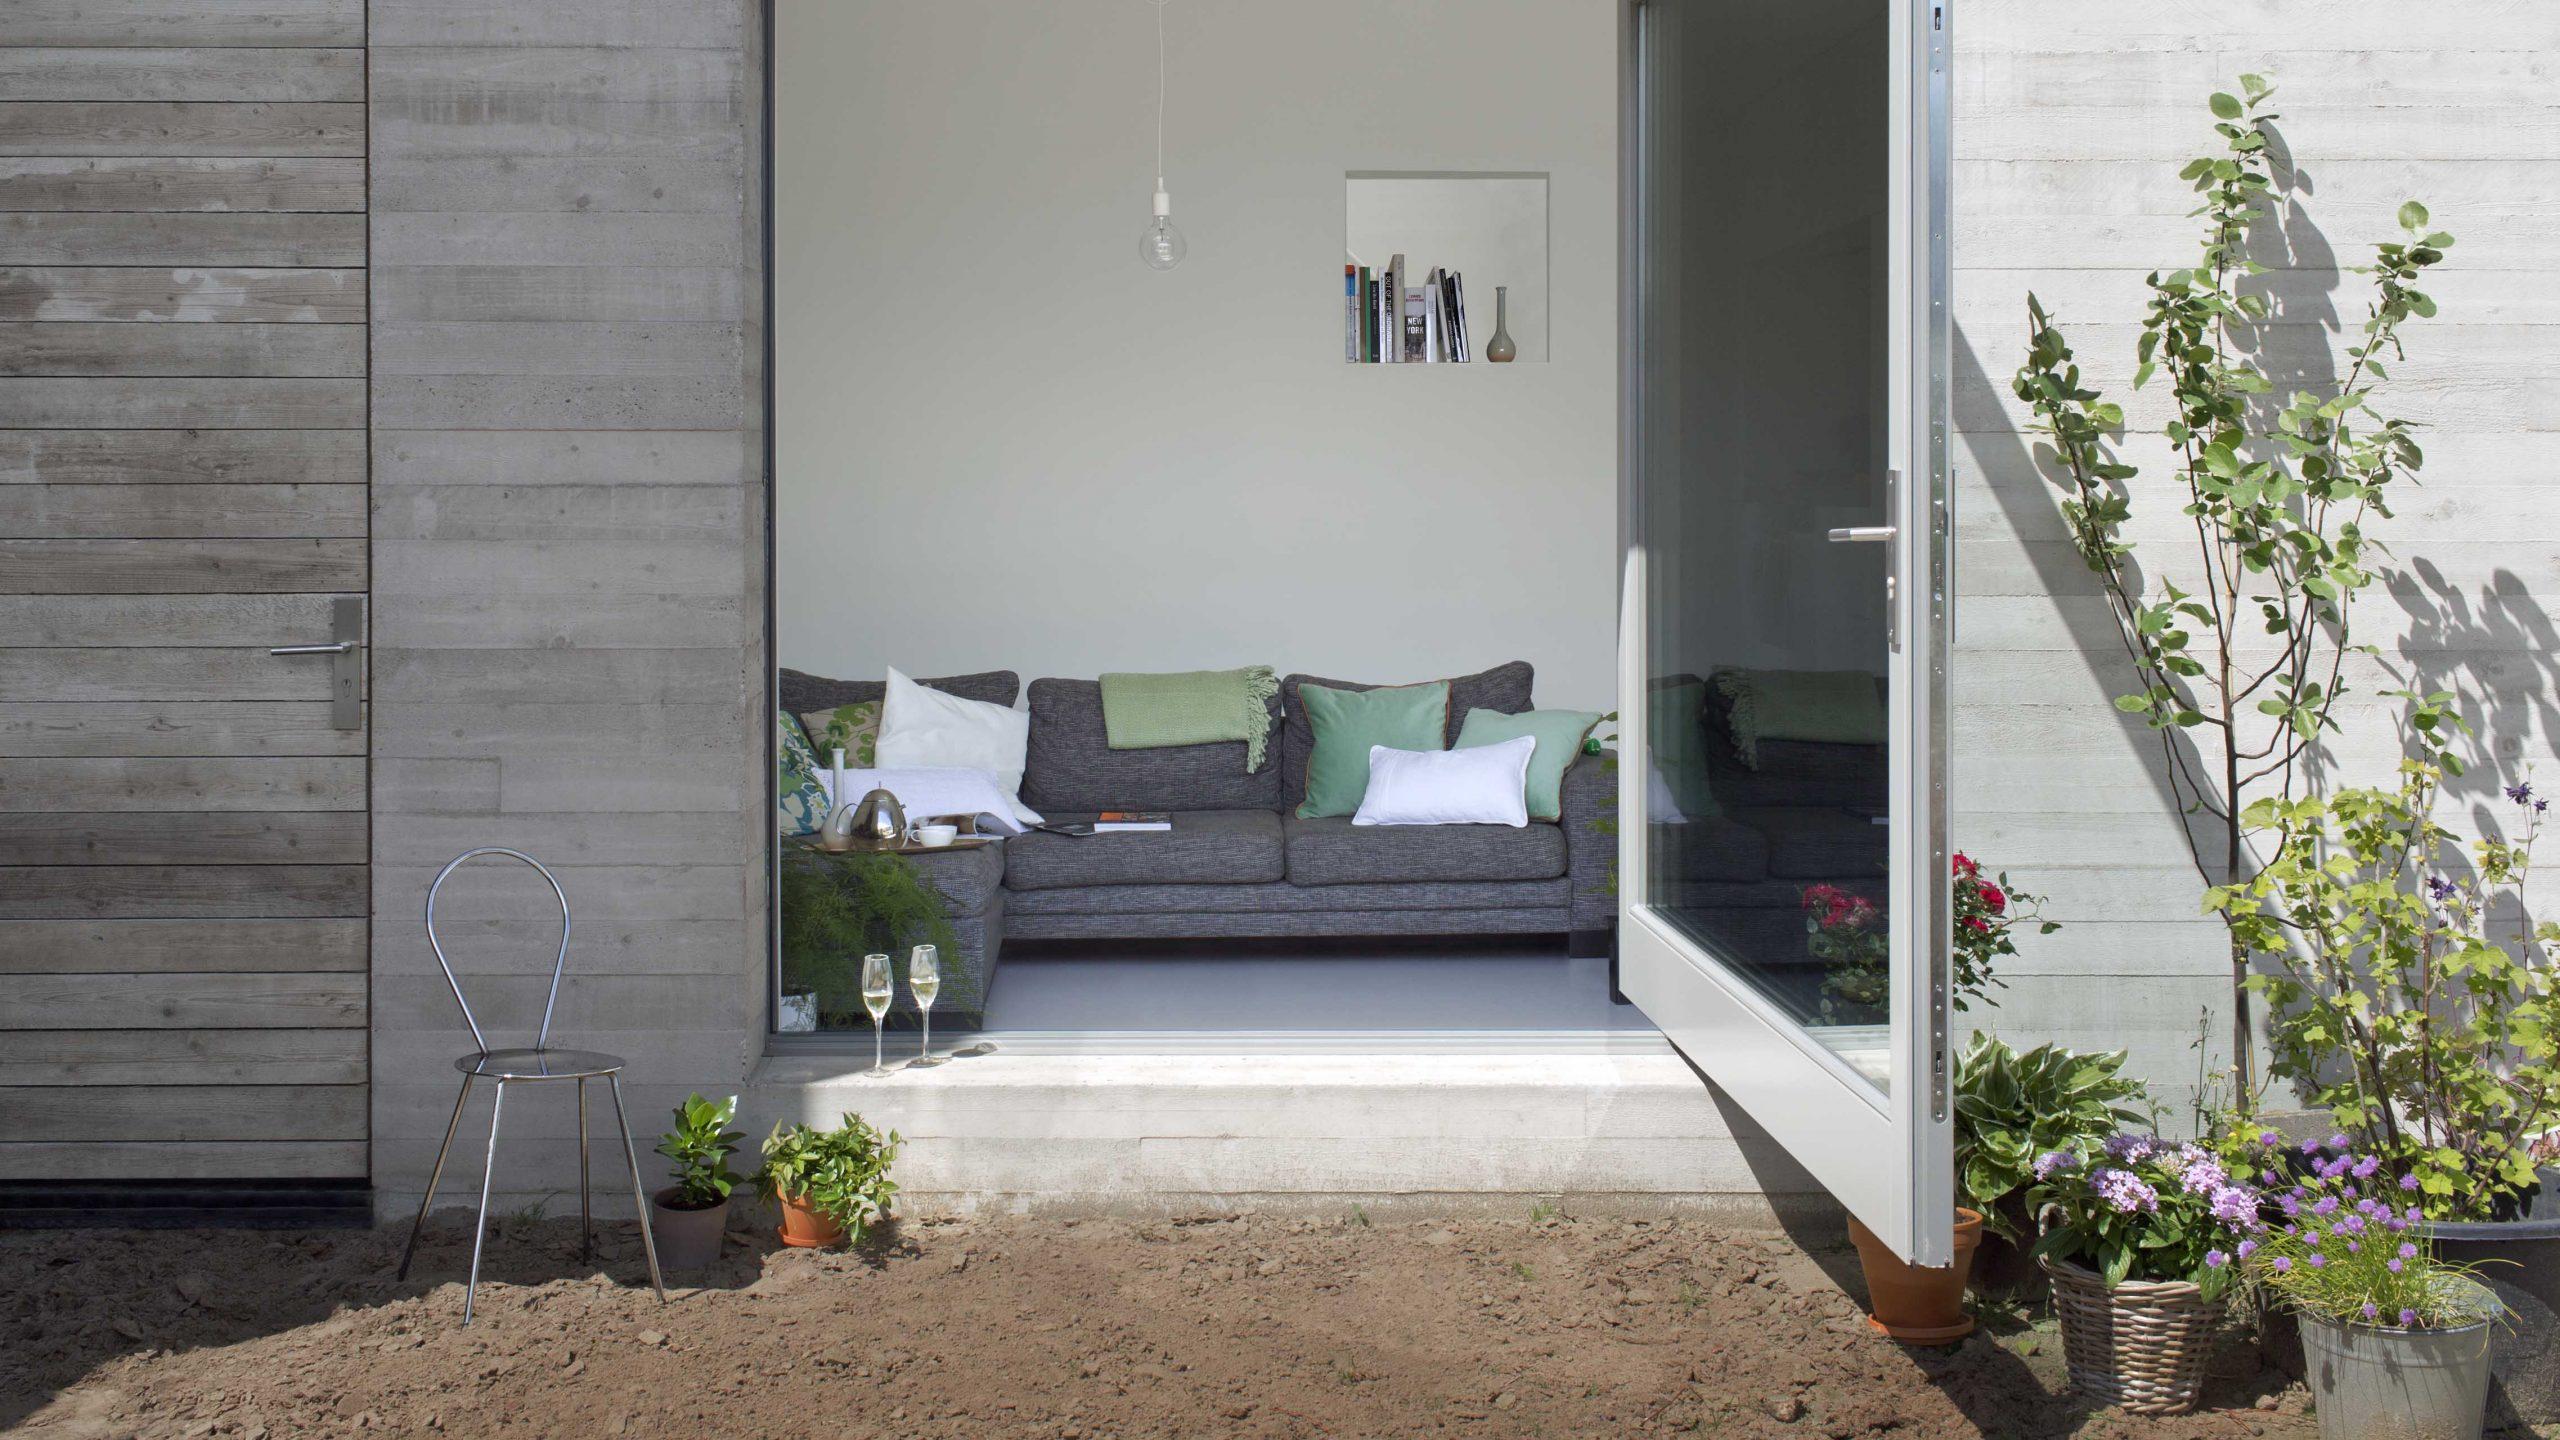 fritsjurgens-invisible-pivot-hinges-deventer-house-scaled.jpg